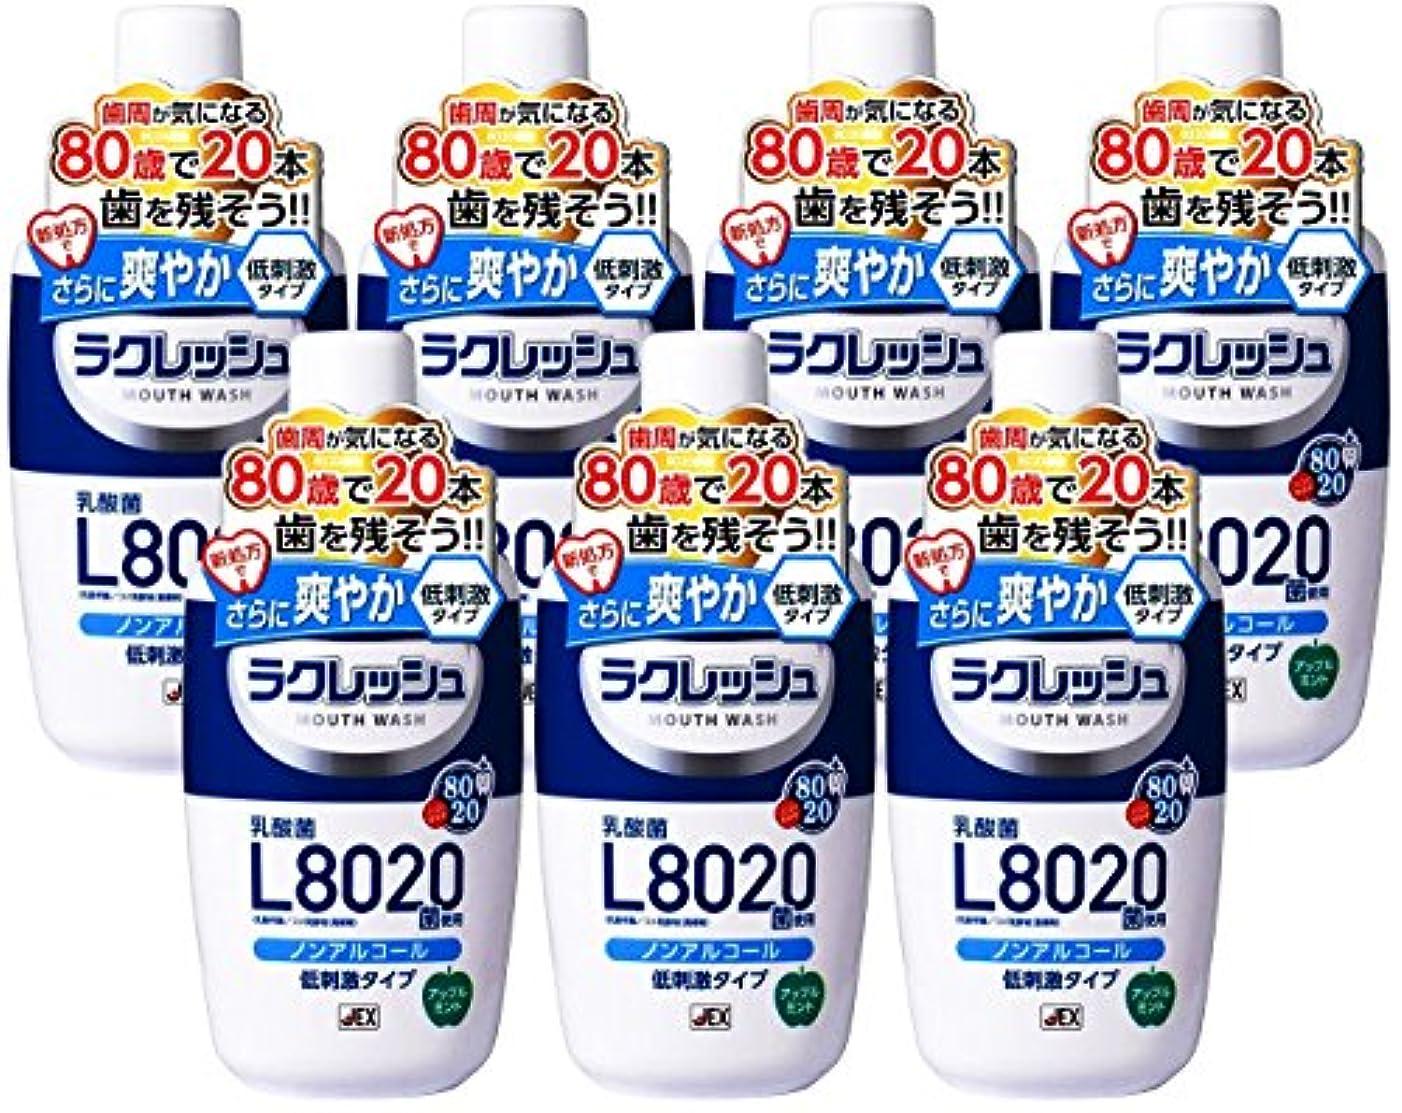 ペレット革新発揮する【7個セット】ラクレッシュ L8020菌 マウスウォッシュ